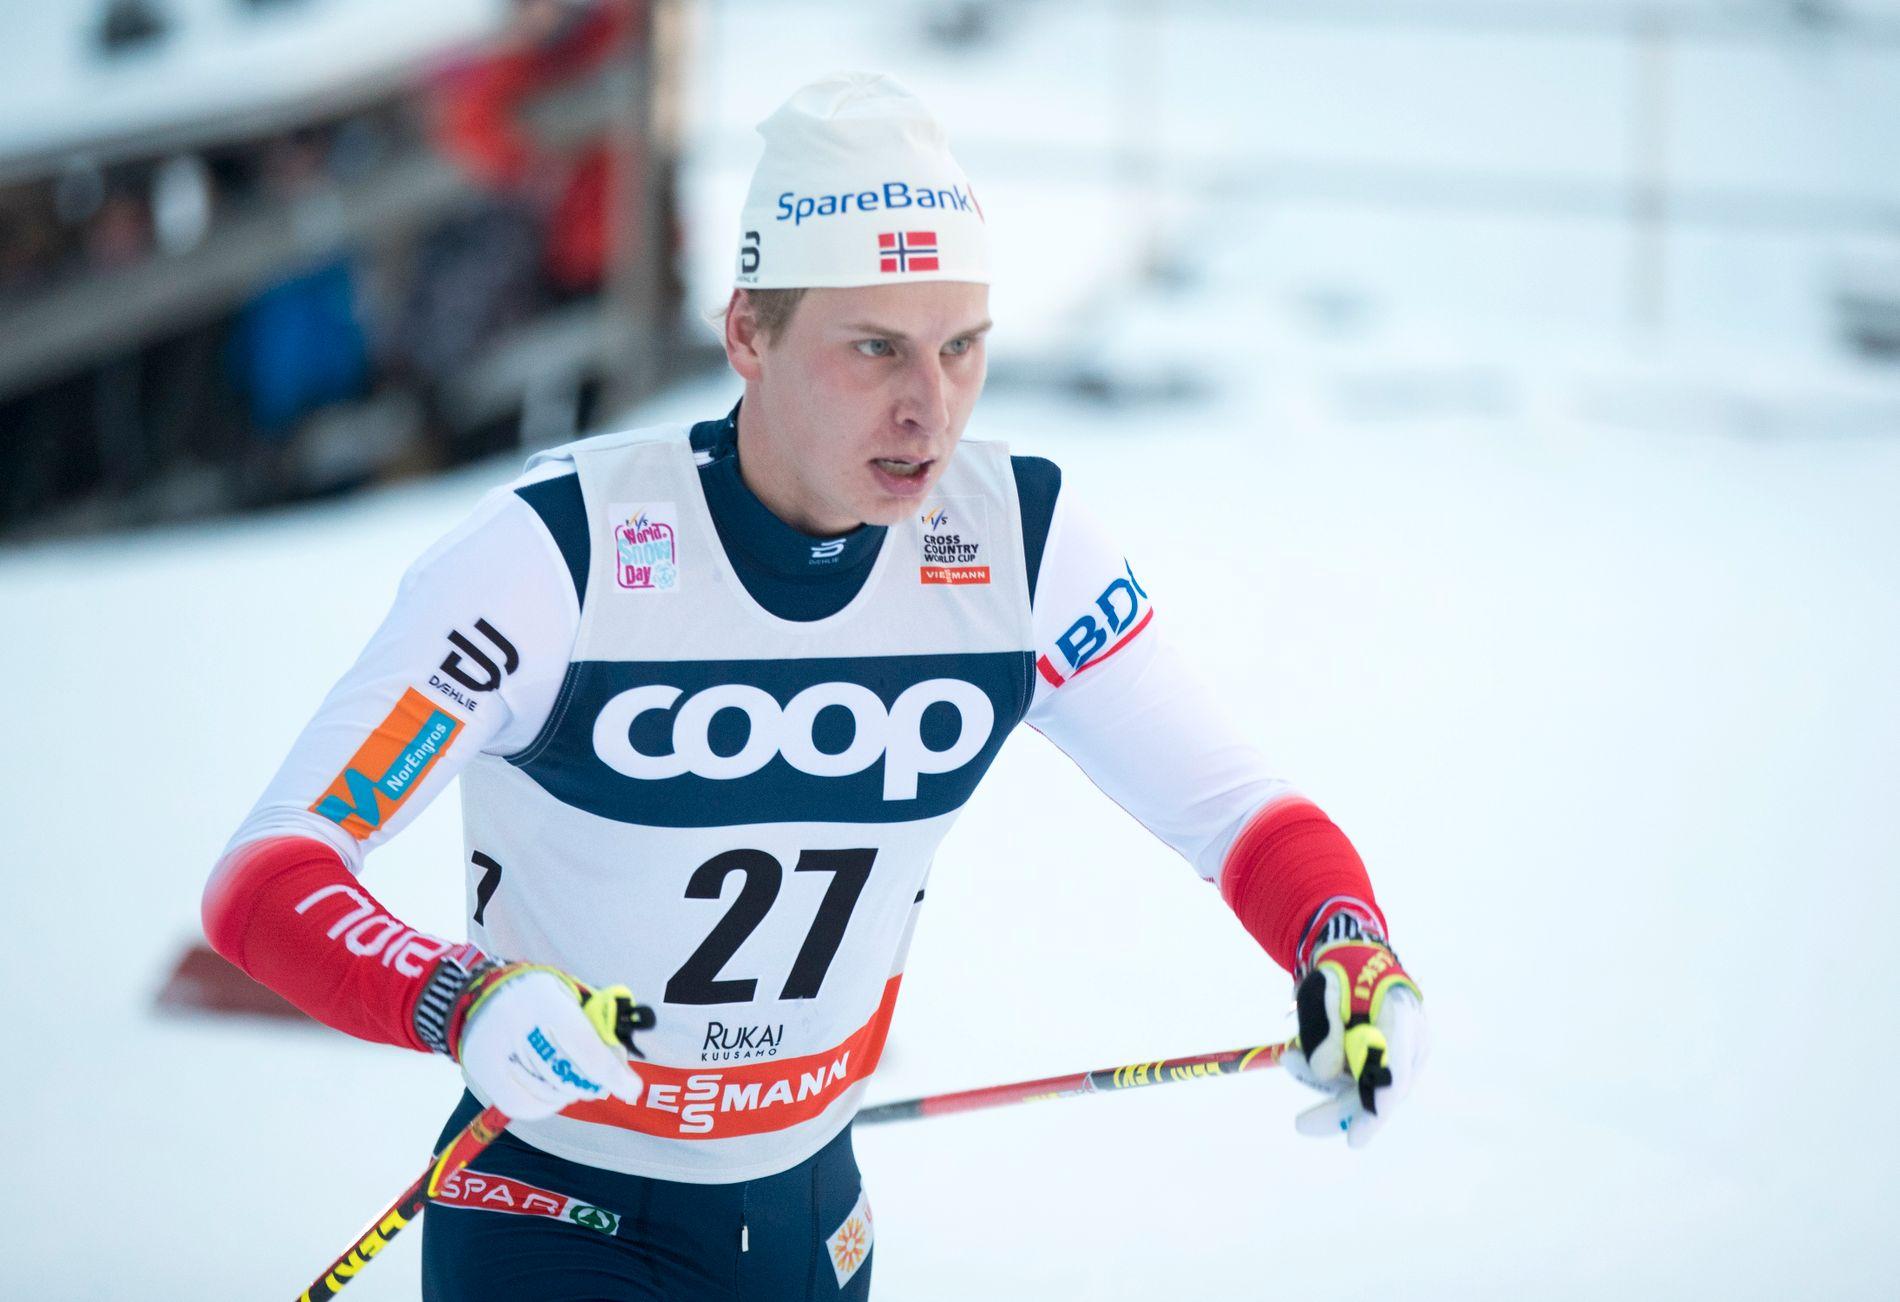 VANT: Simen Hegstad Krüger tok sin første seier i verdenscupen i Toblach på 15 kilometer fri. Her fra et løp i Ruka.